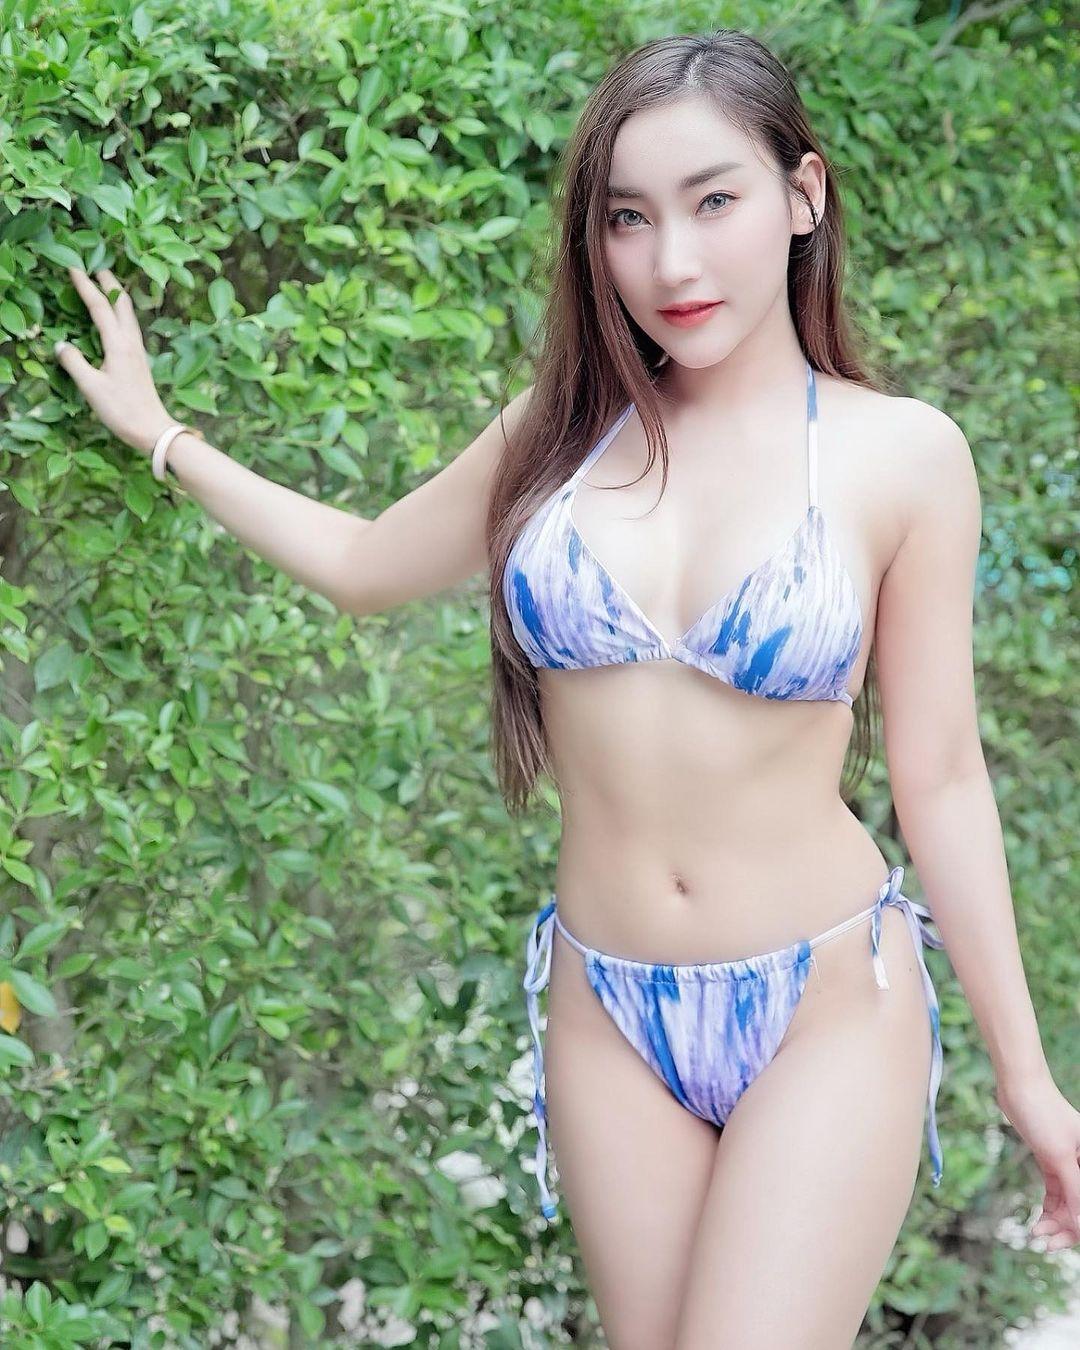 Thailand Beautyful Girl Pic No.301 || Tidaporn Sangiamfak